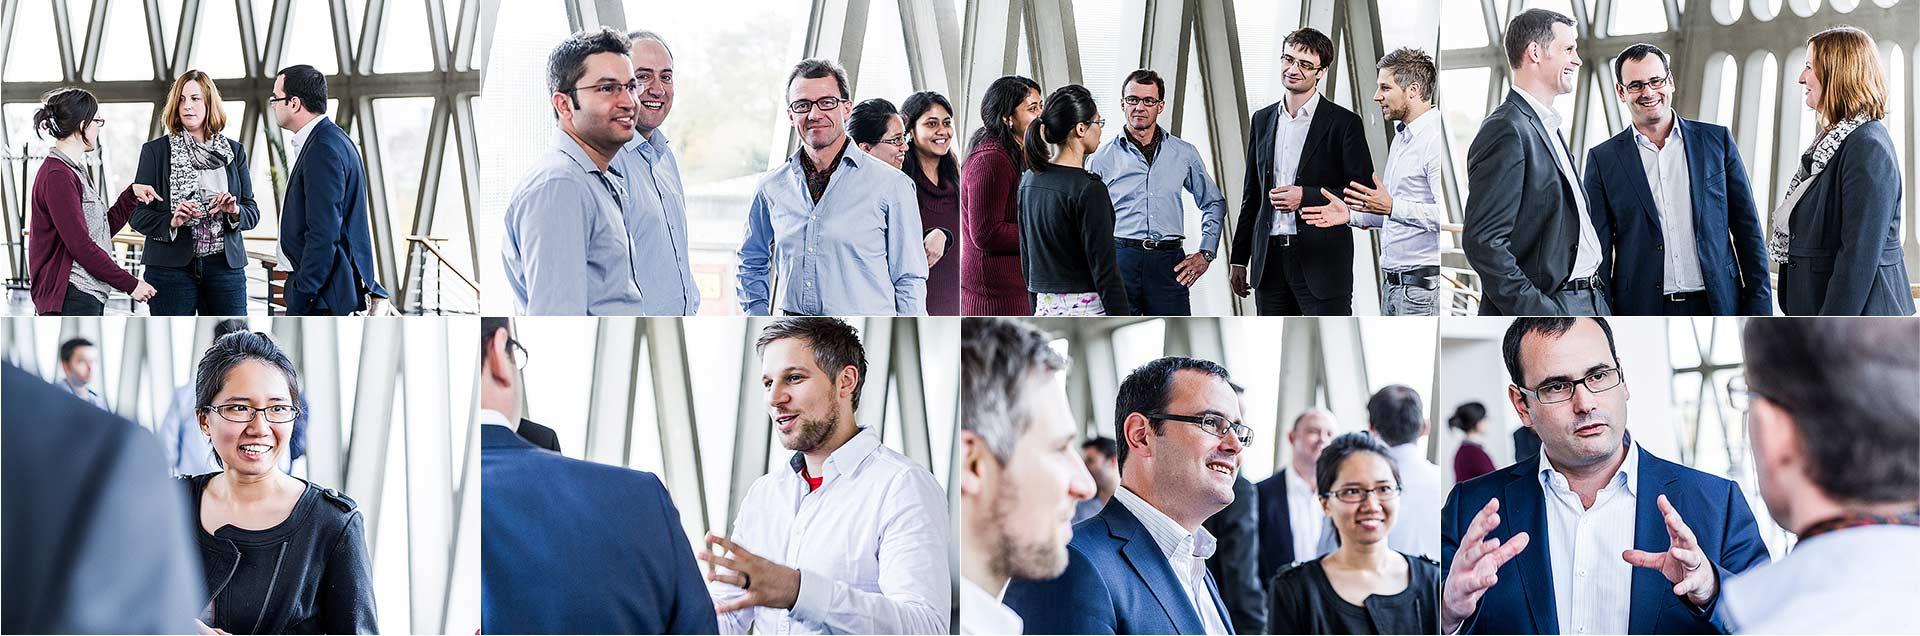 Portraits Business und Gruppenfoto